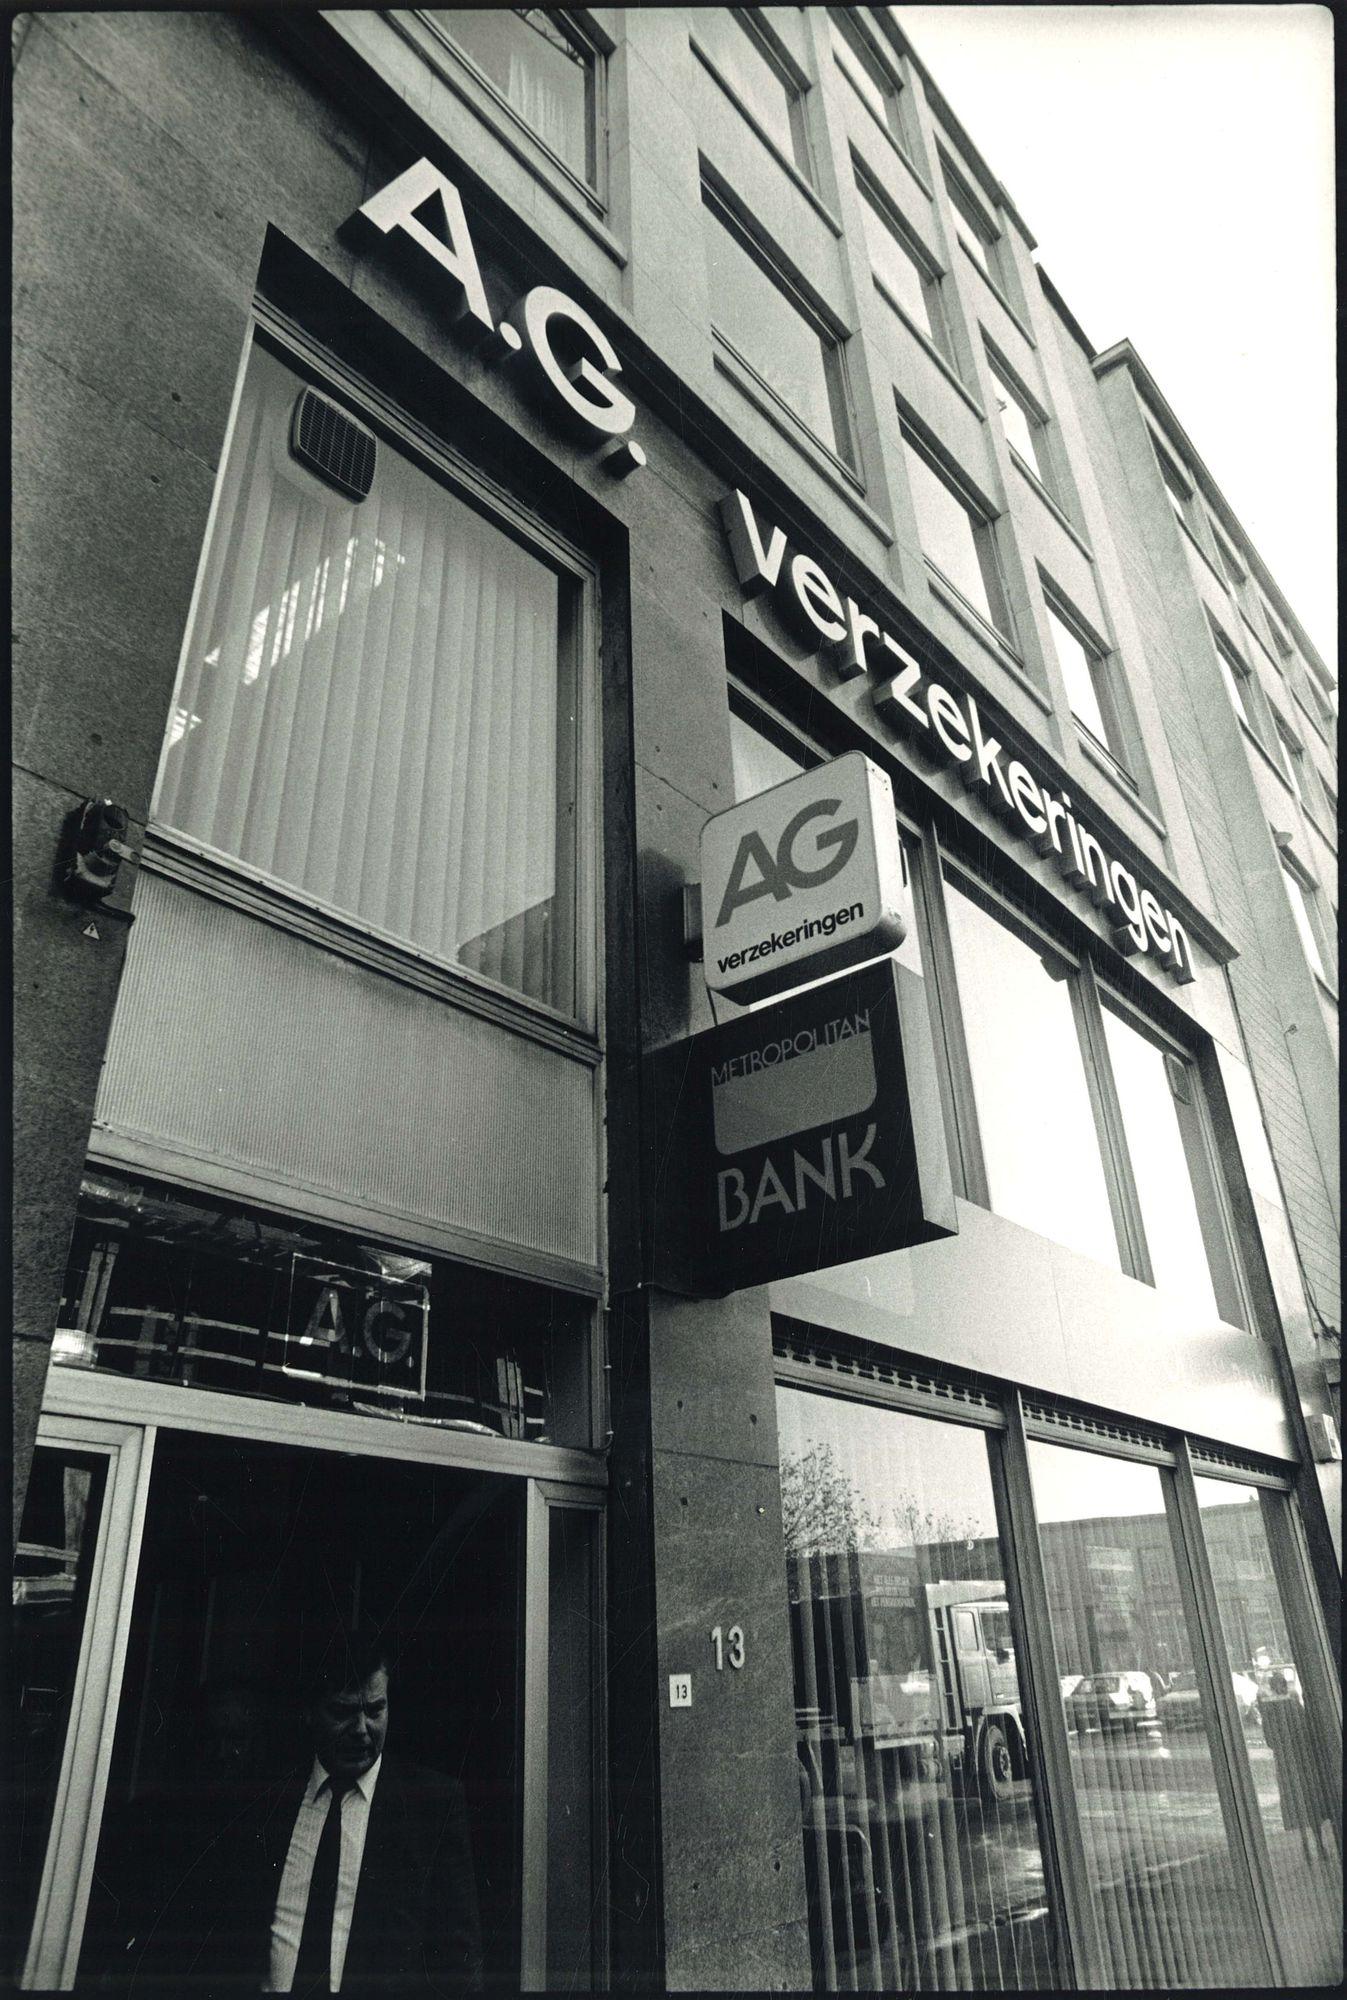 A.G. Verzekeringen 1988